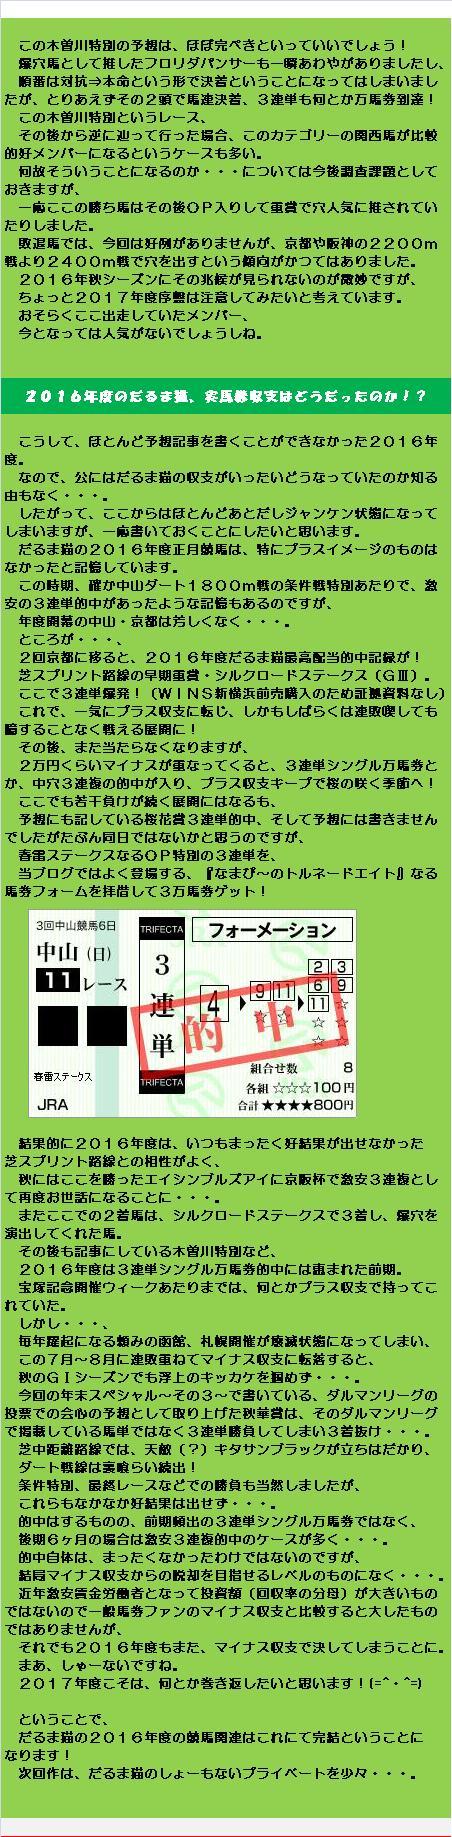 20170104・2016年振り返り(1)~その4~④.jpg